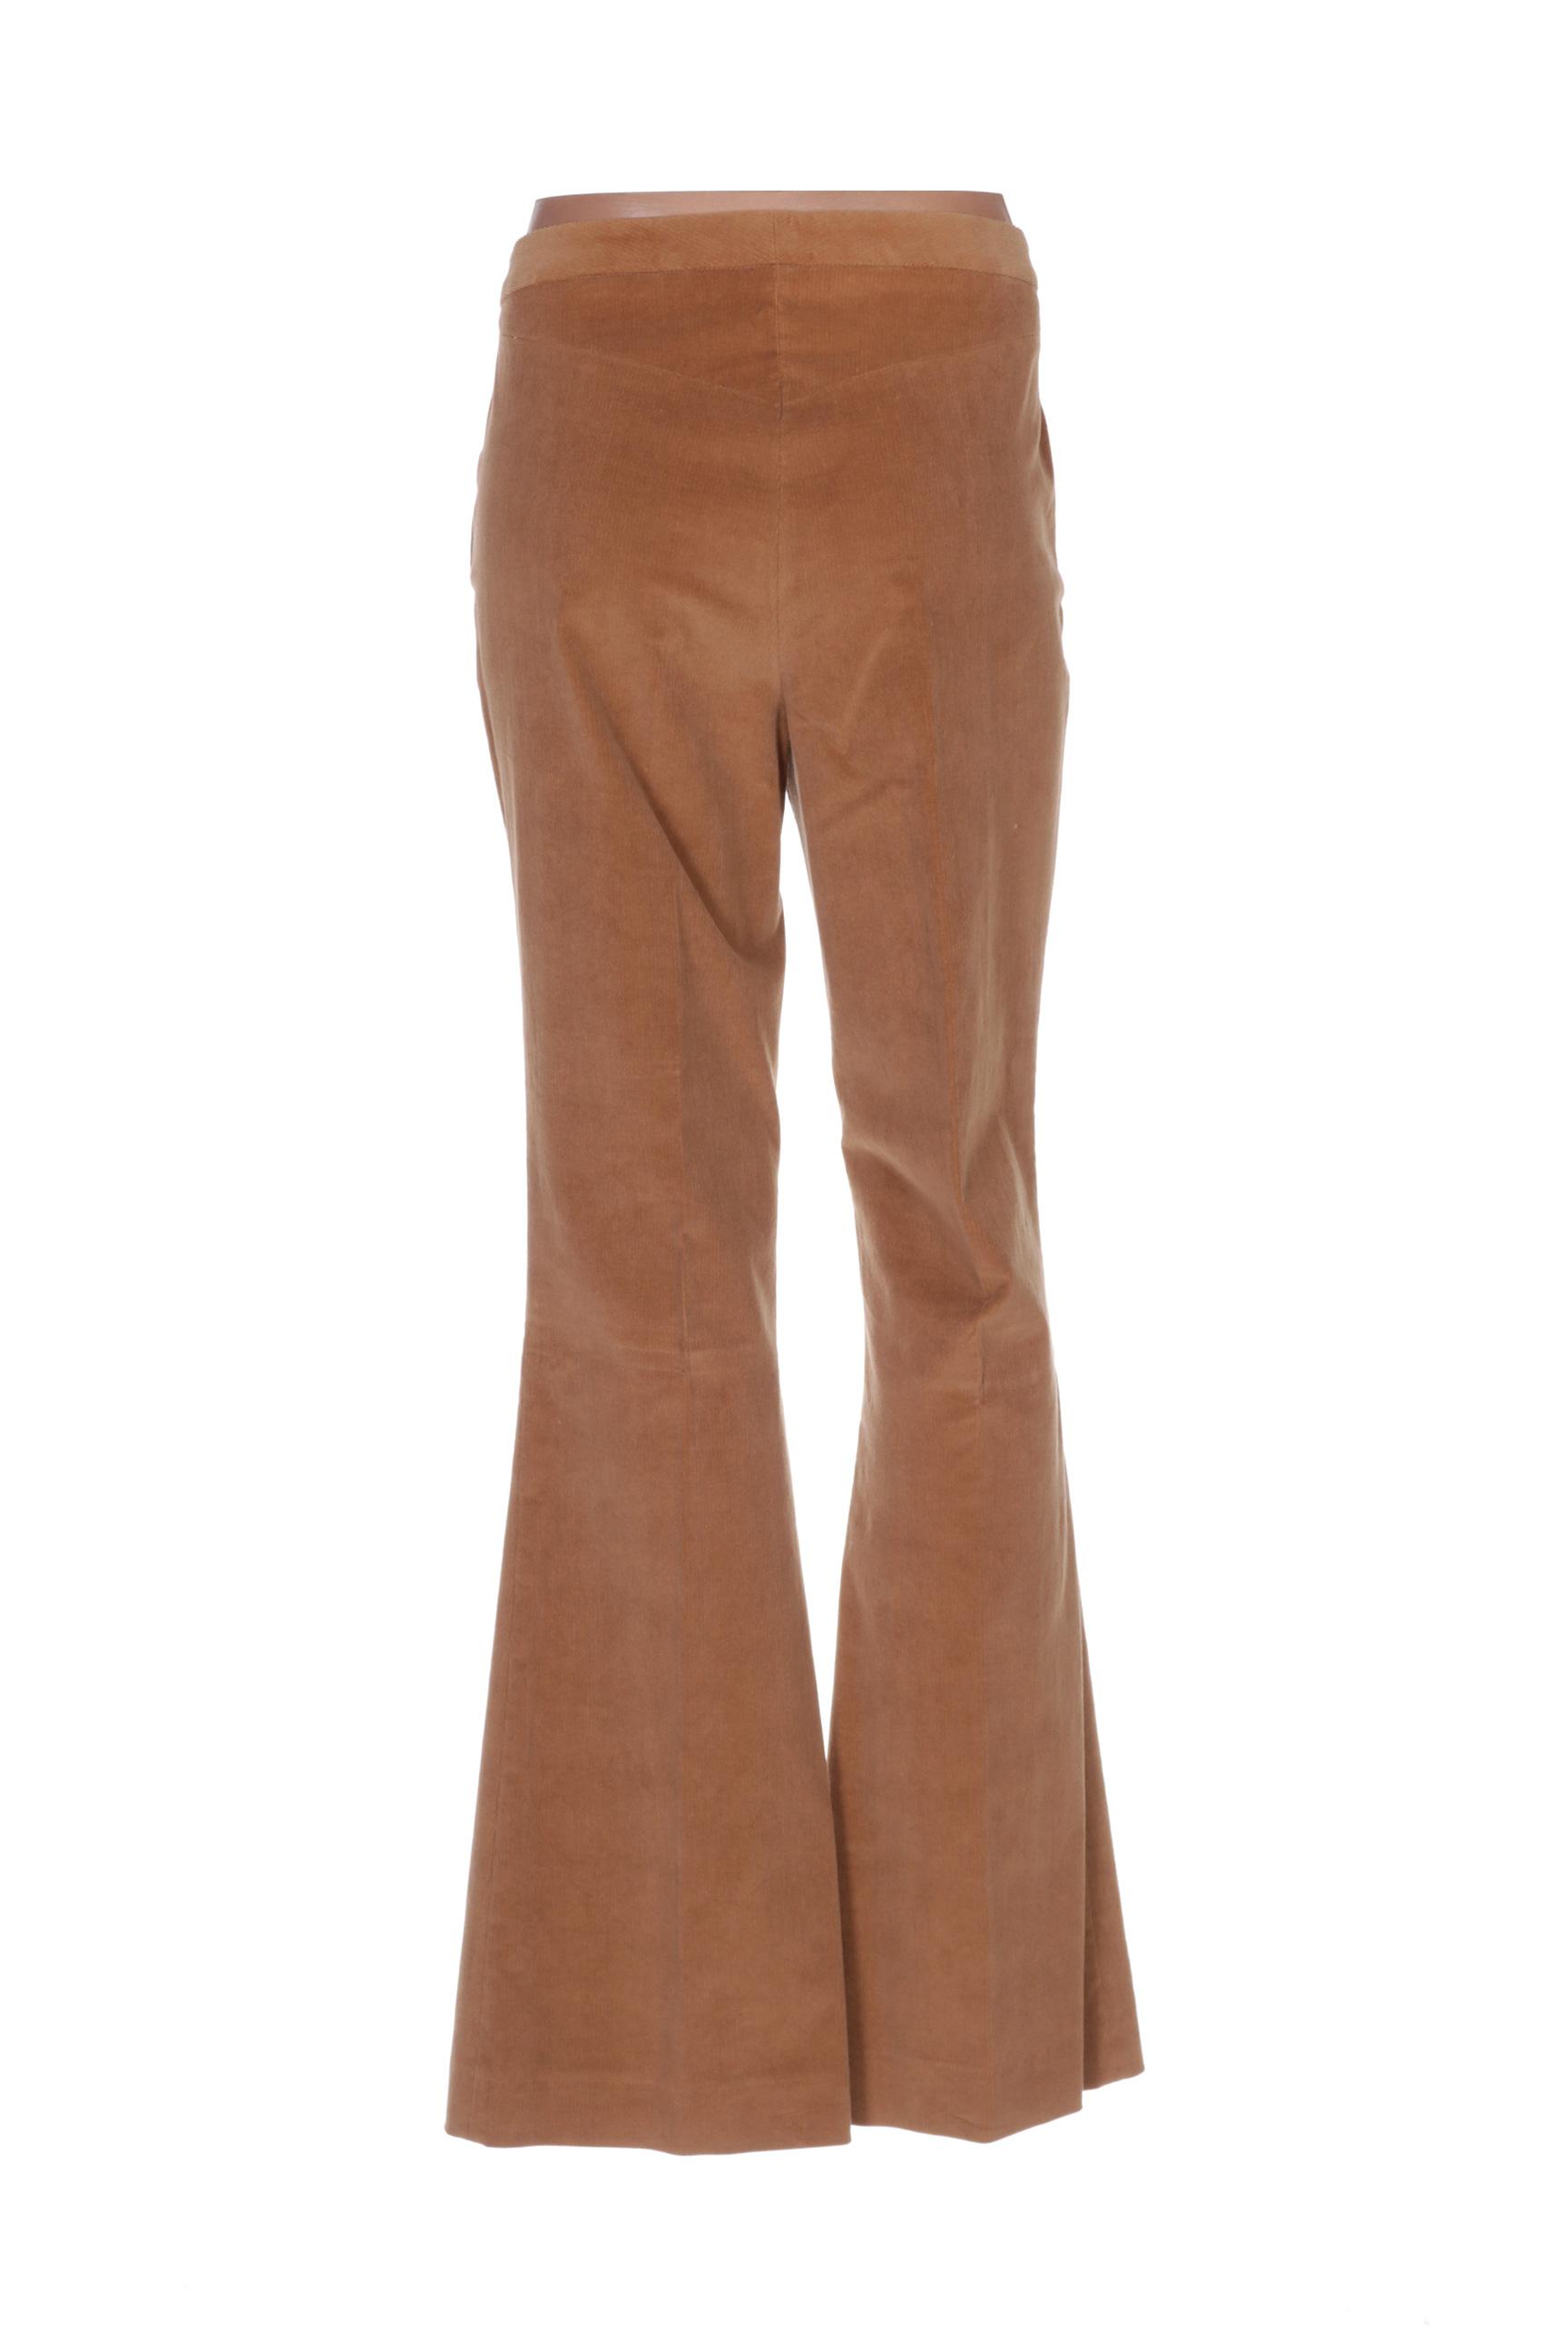 Toypes Pantalons Decontractes Femme De Couleur Marron En Soldes Pas Cher 1410207-marron